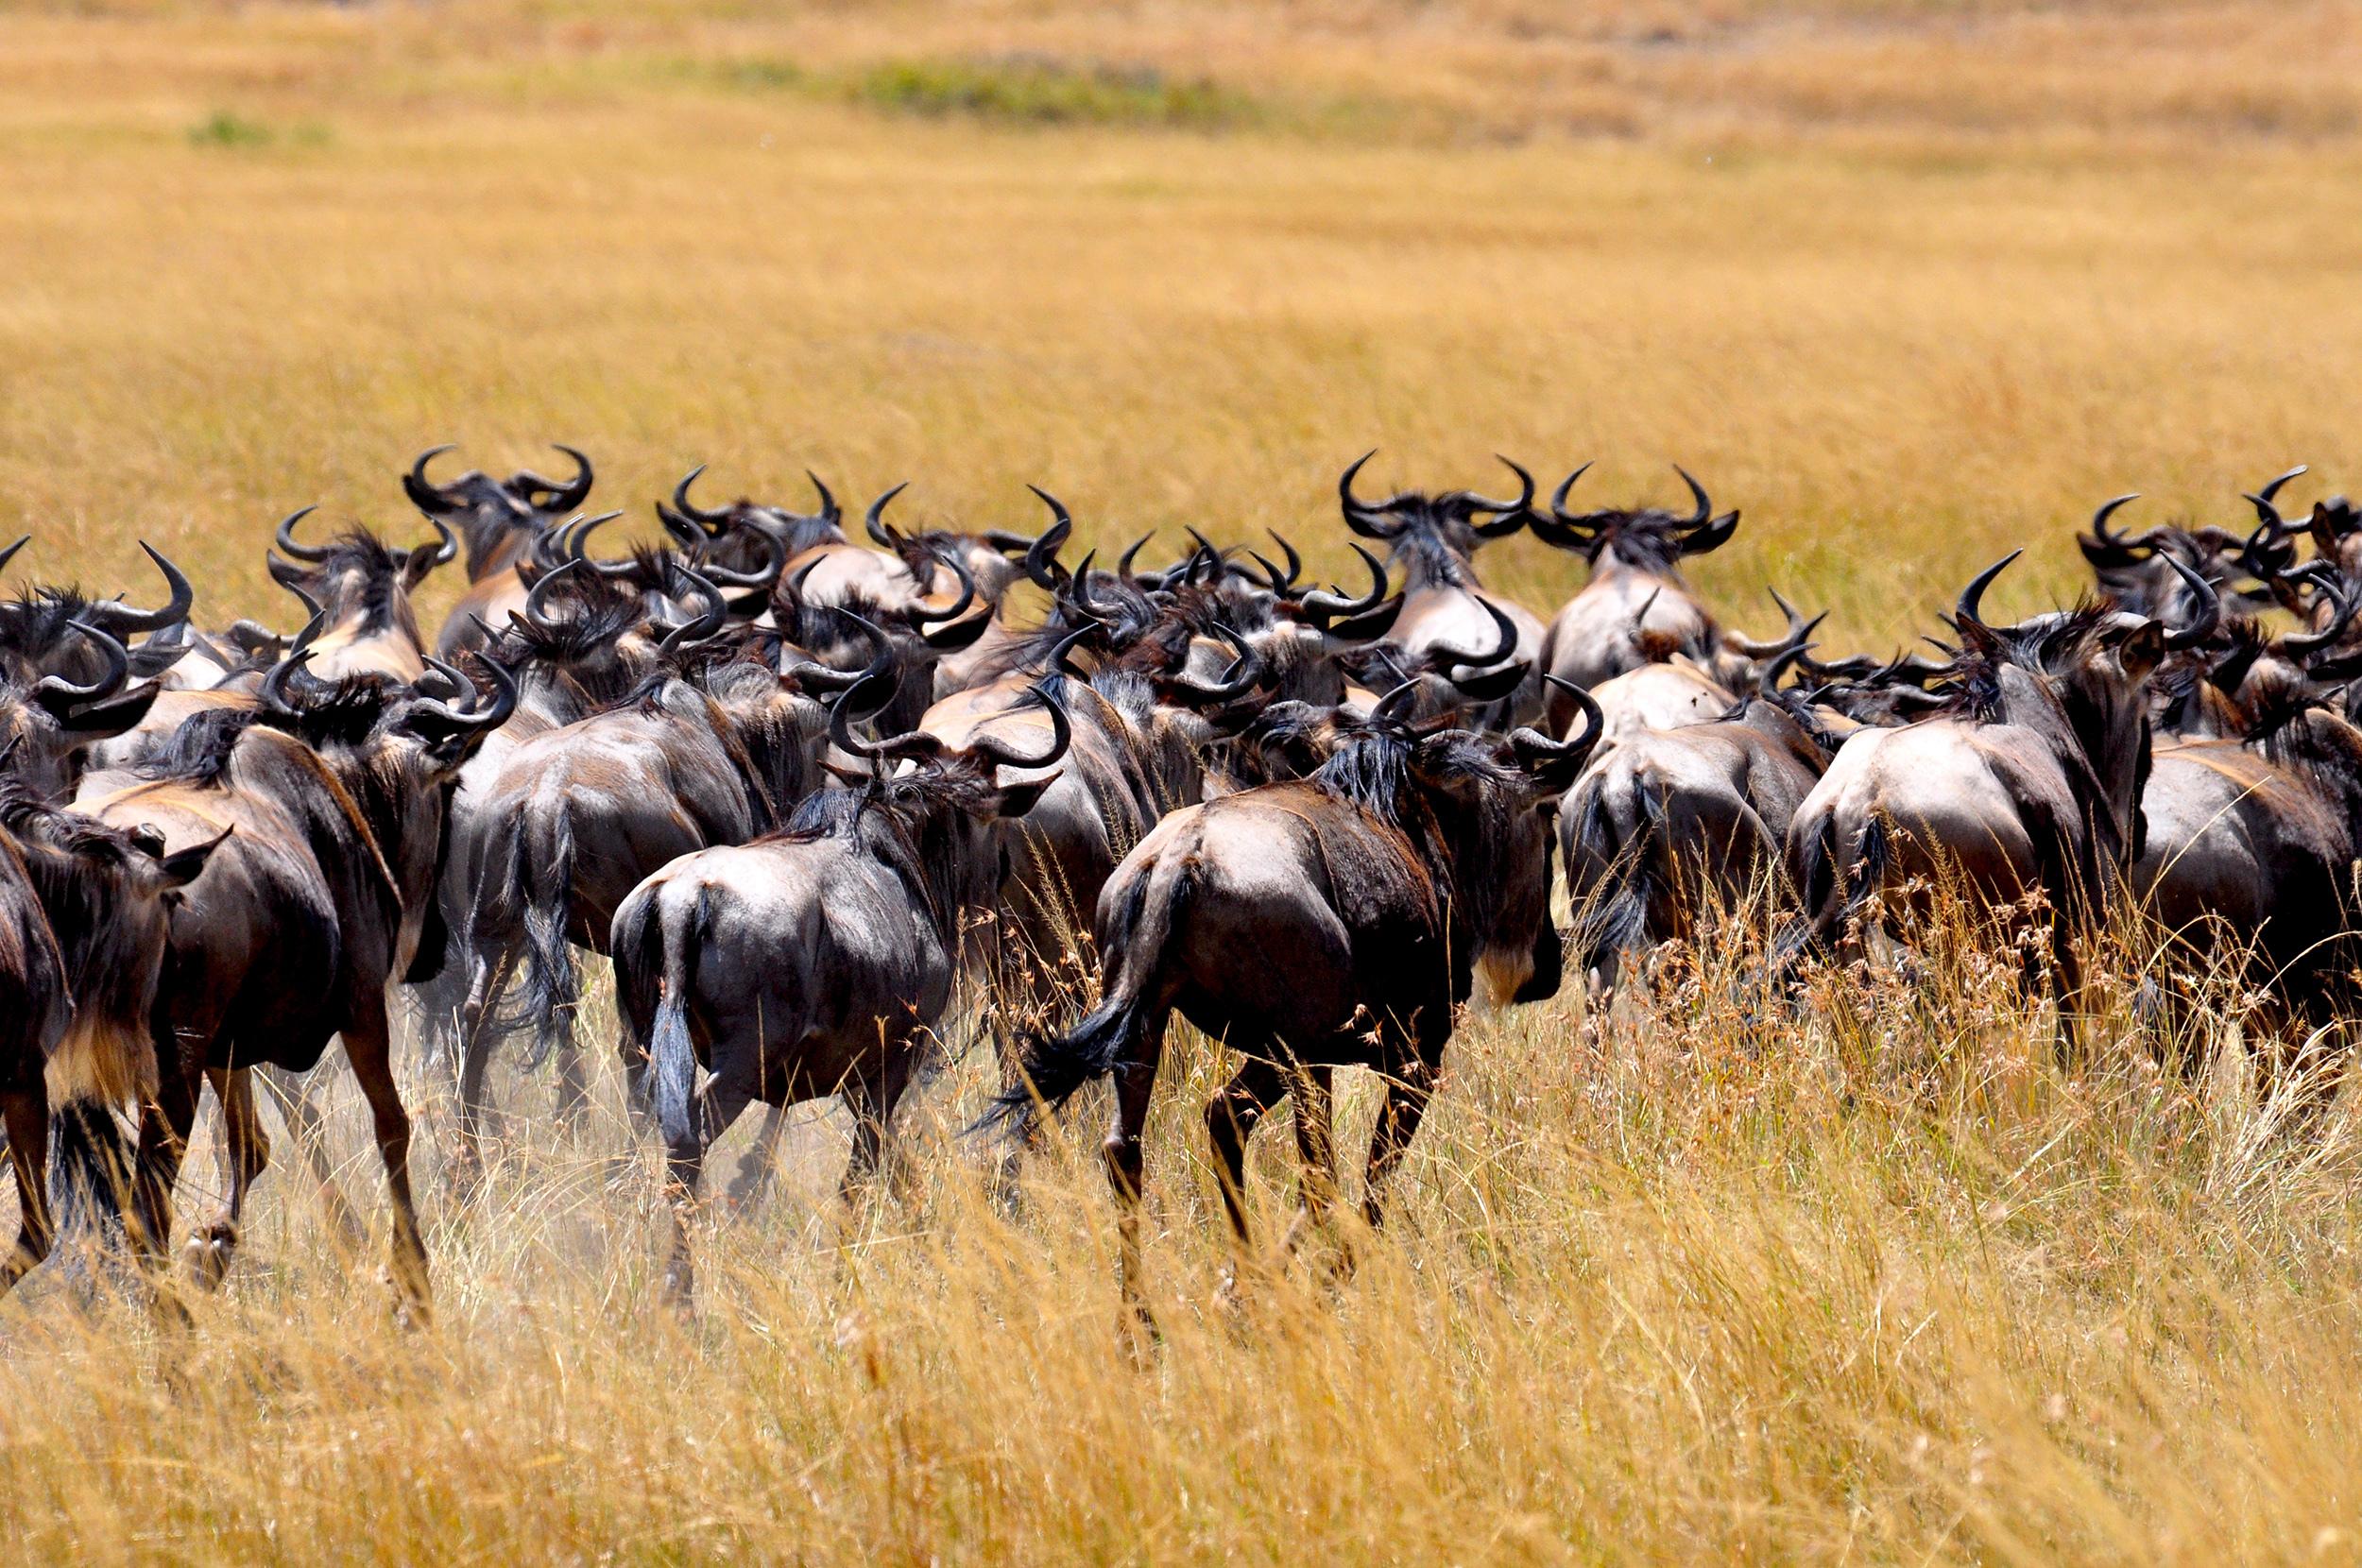 非洲肯尼亚动物之旅精彩瞬间——角马迁徙